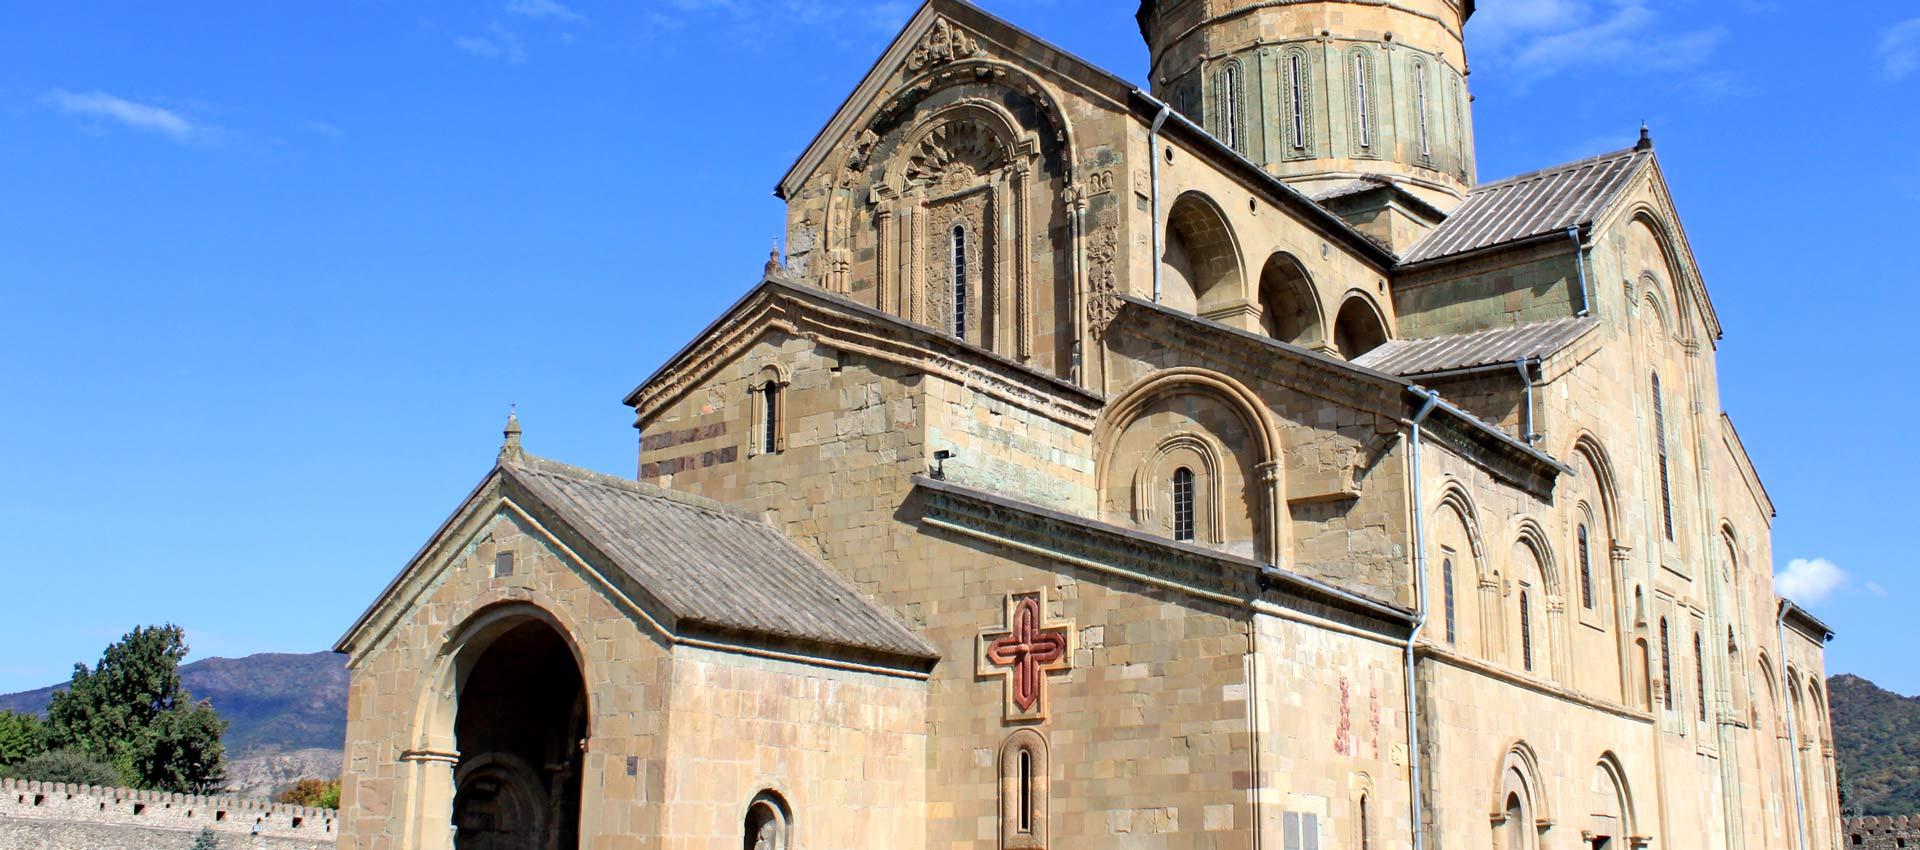 The Courtyard Marriott, Tbilisi